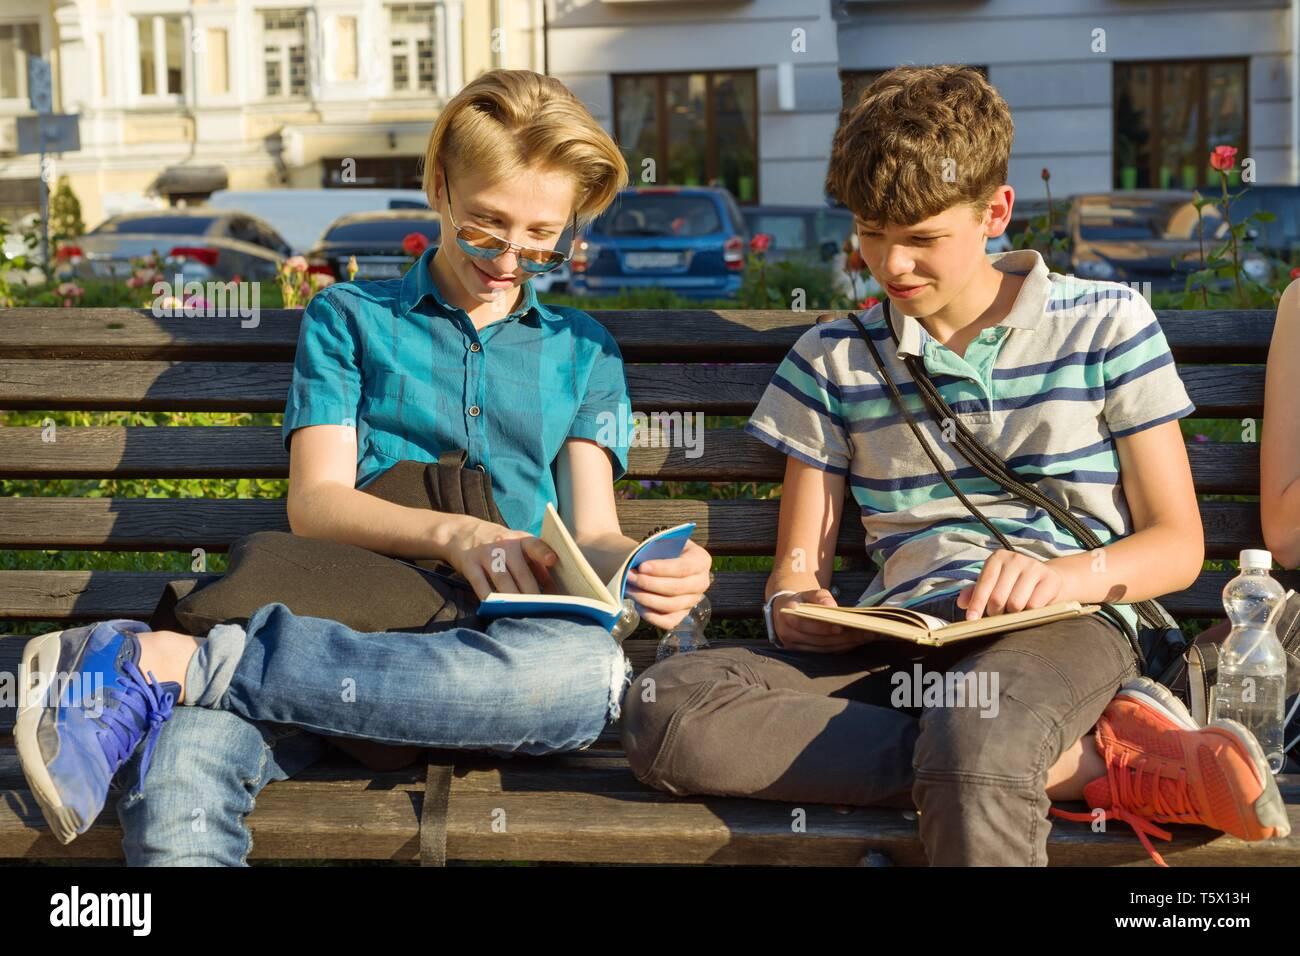 20bd26a3f Dos 2 Amigos Leyendo Libros Imágenes De Stock & Dos 2 Amigos Leyendo ...